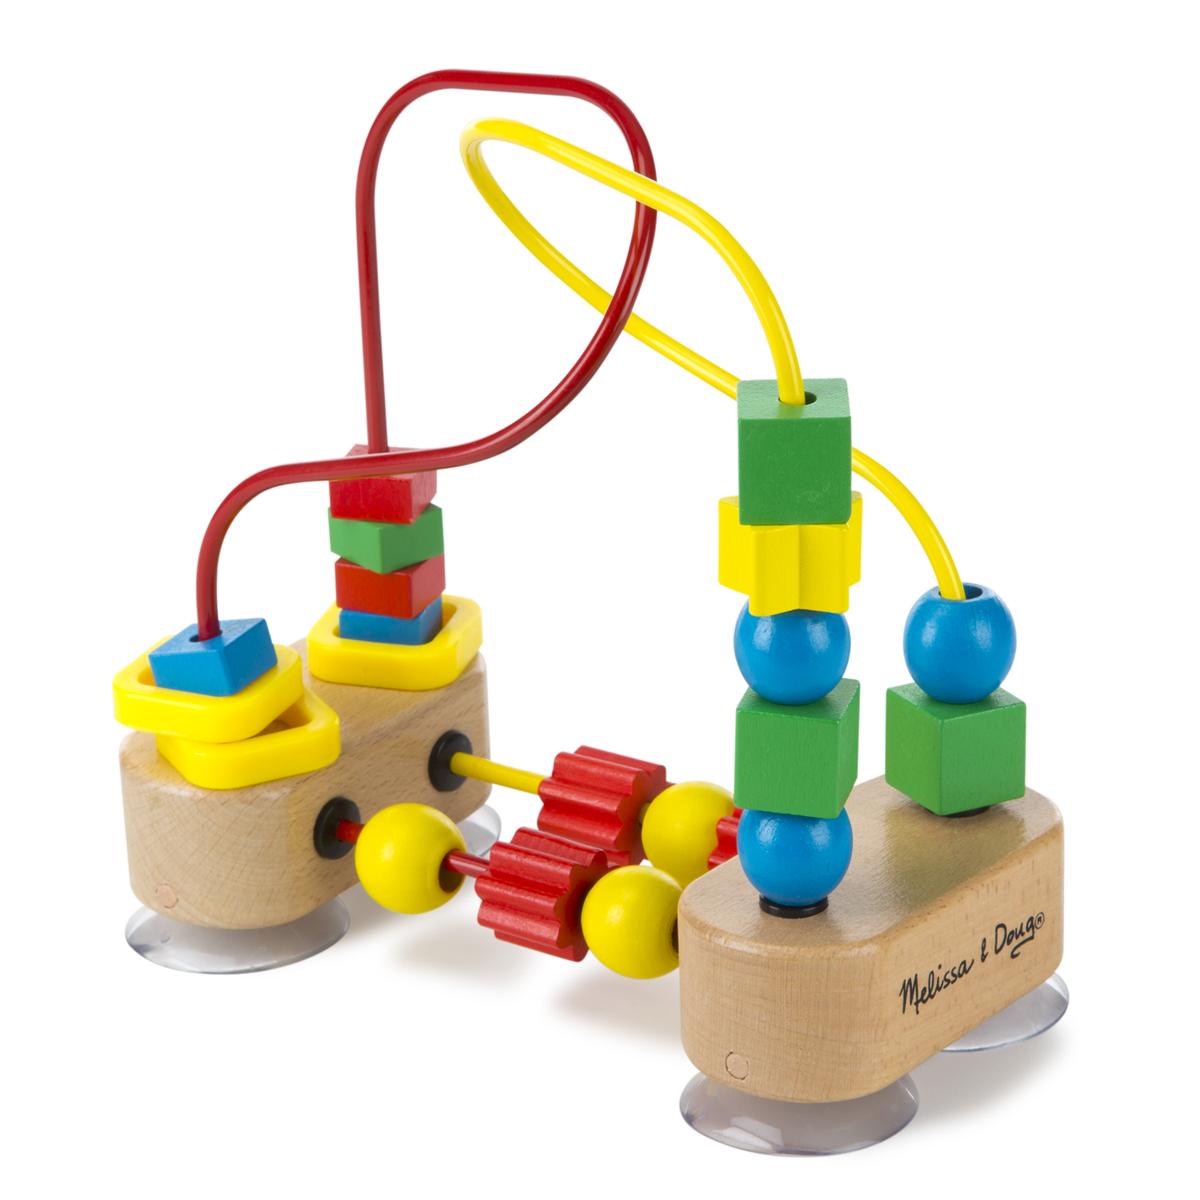 Лабиринт с фигурами из серии Классические игрушкиЛабиринты<br>Лабиринт с фигурами из серии Классические игрушки<br>